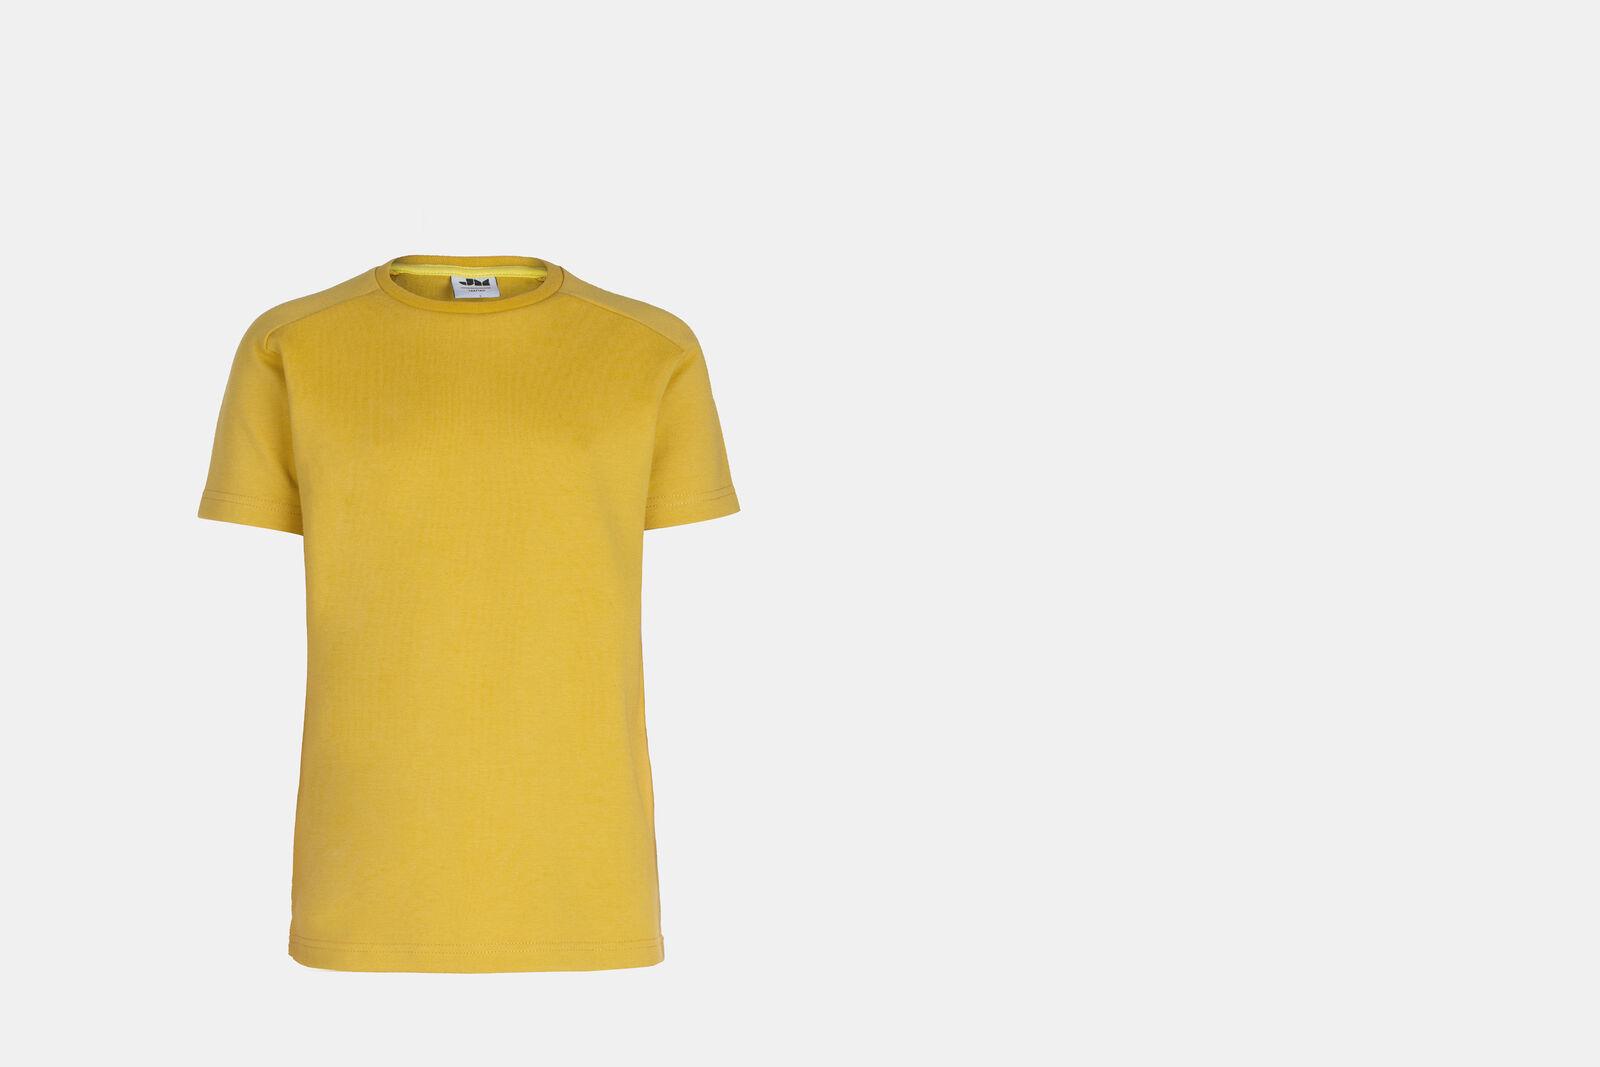 Kaan T-shirt